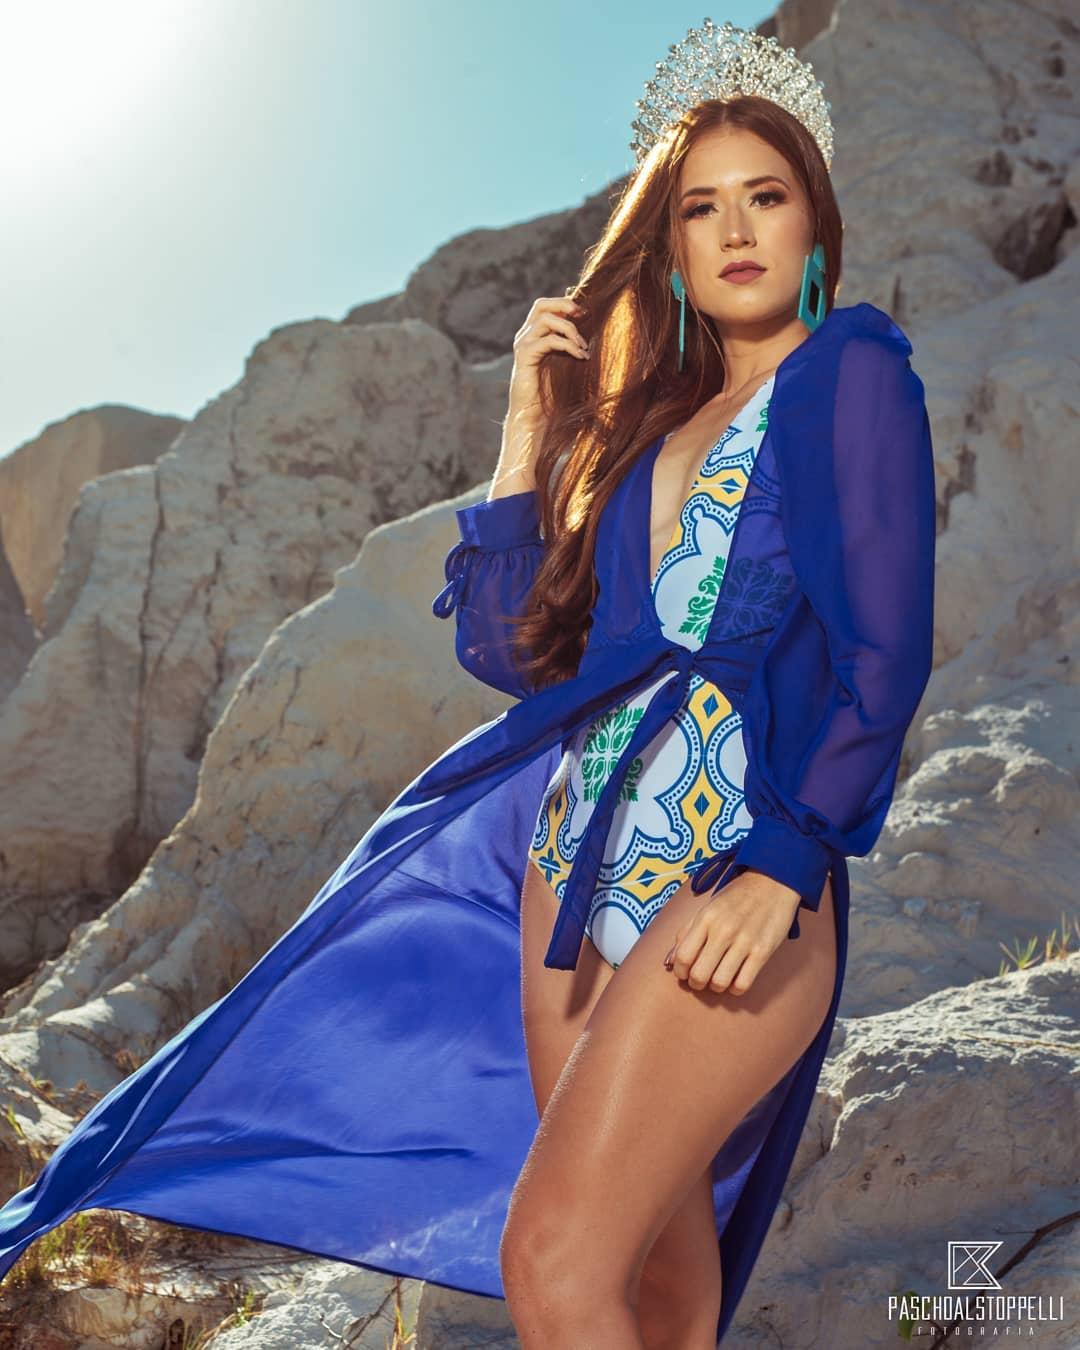 thelena rodrigues, vice miss ceara latina 2020. 79964310